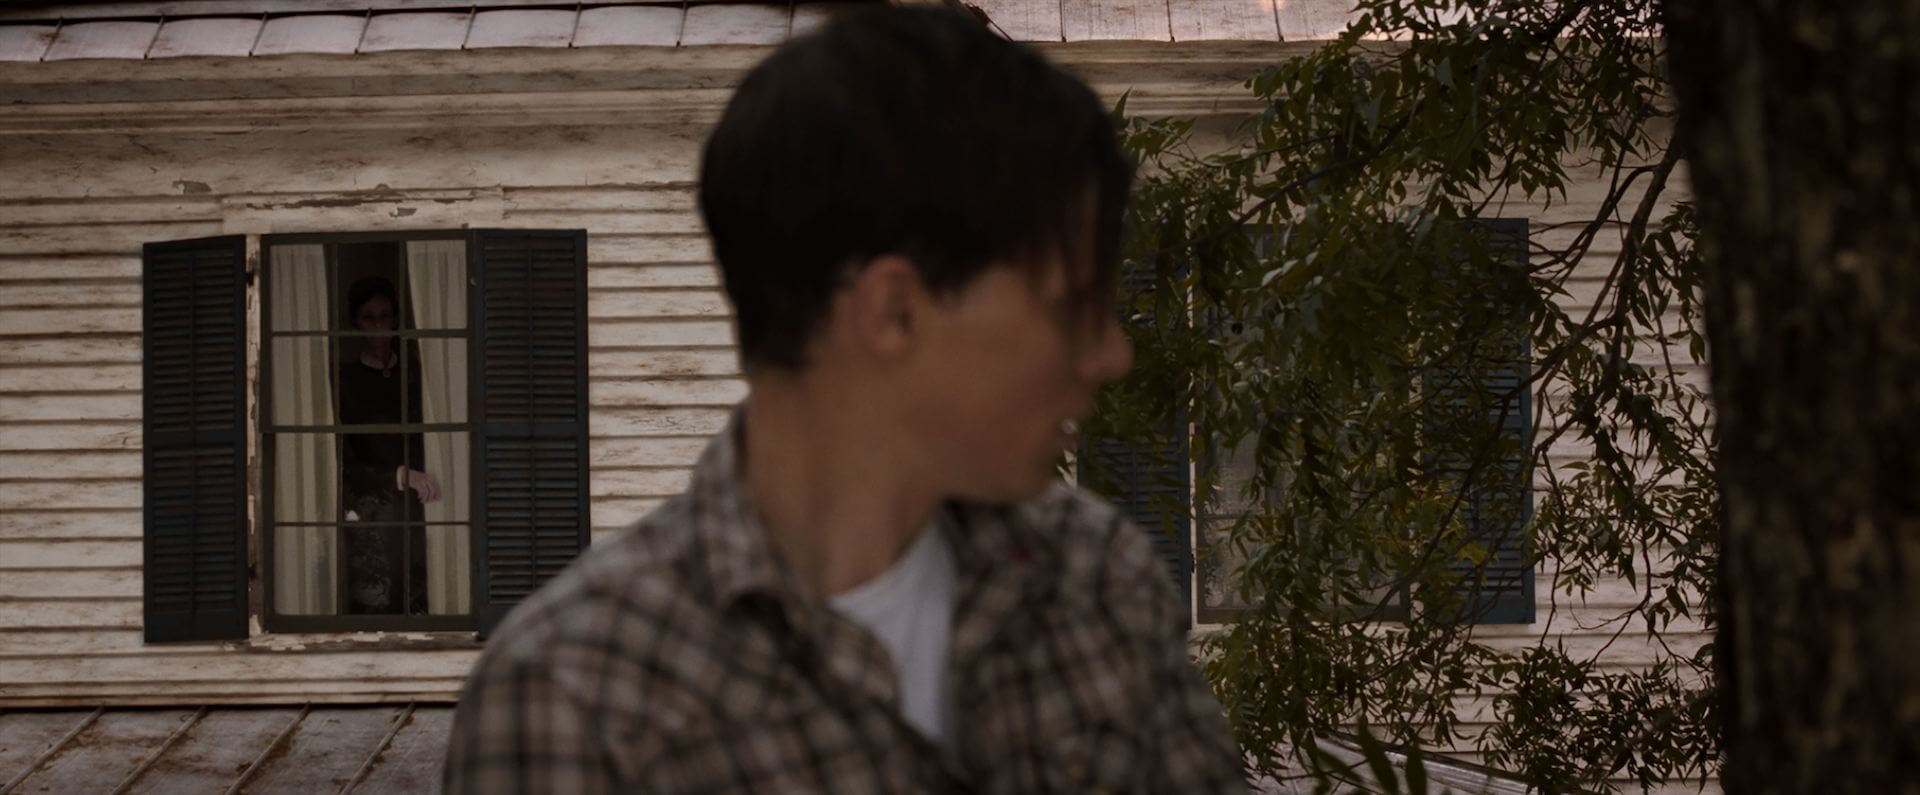 「死霊館」ユニバース全7作 累計世界興収20億ドル超え!最新作『死霊館 悪魔のせいなら、無罪。』は10月公開 film210802-shiryoukan-muzai-3